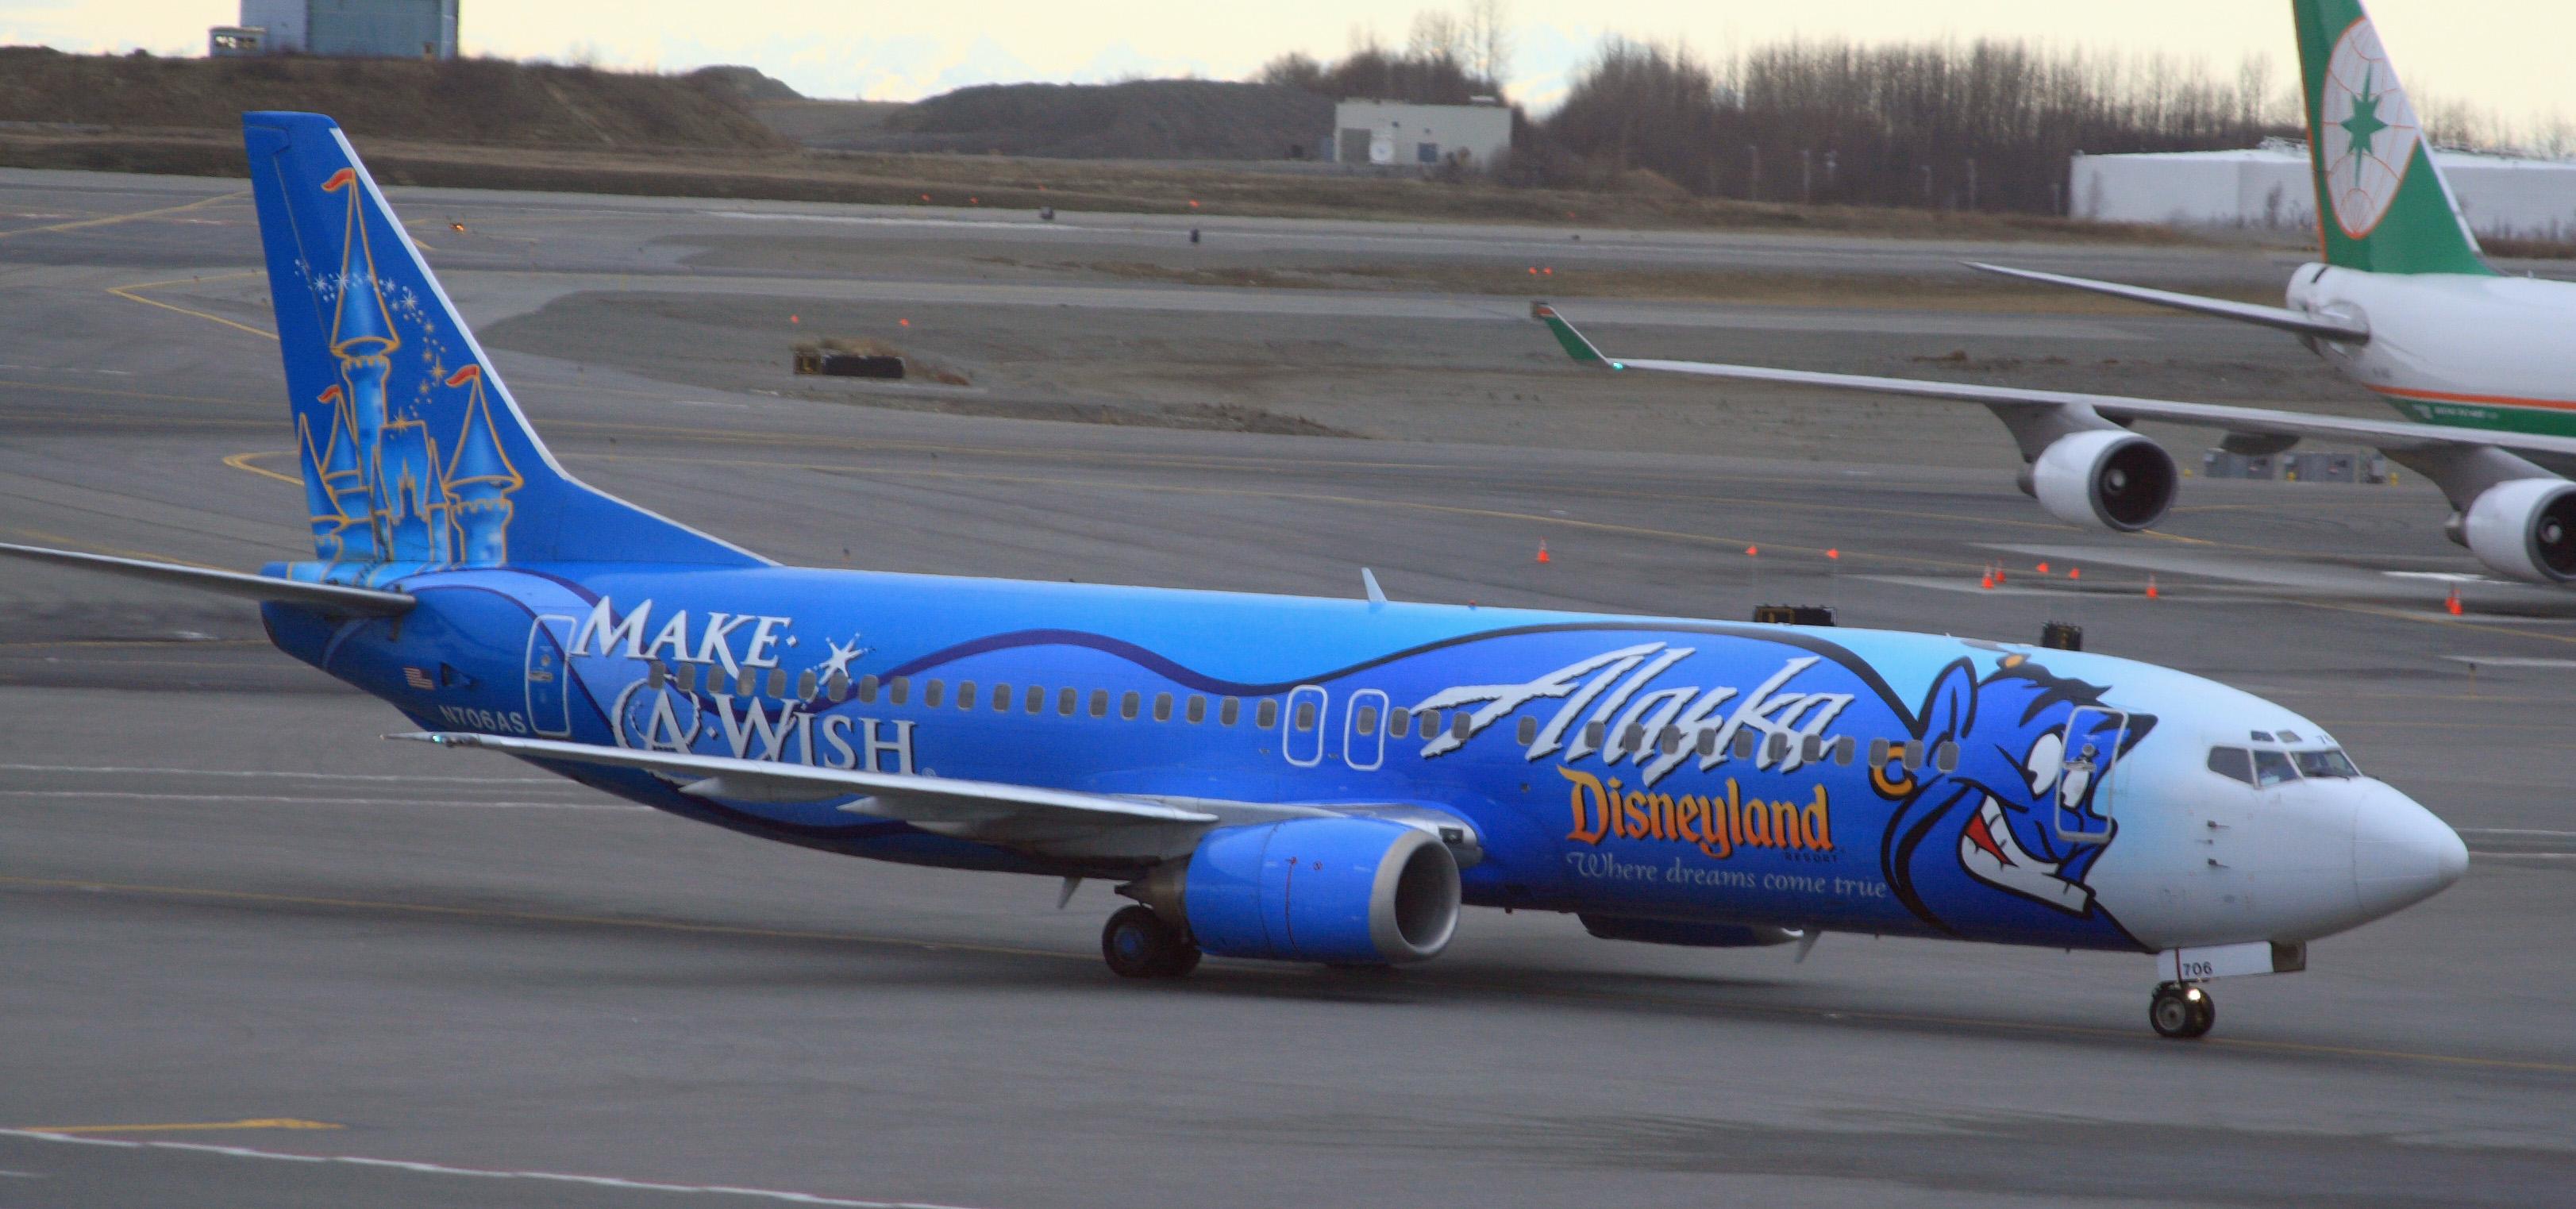 Alaska_Airlines_Boeing_737_in_%22Disneyl